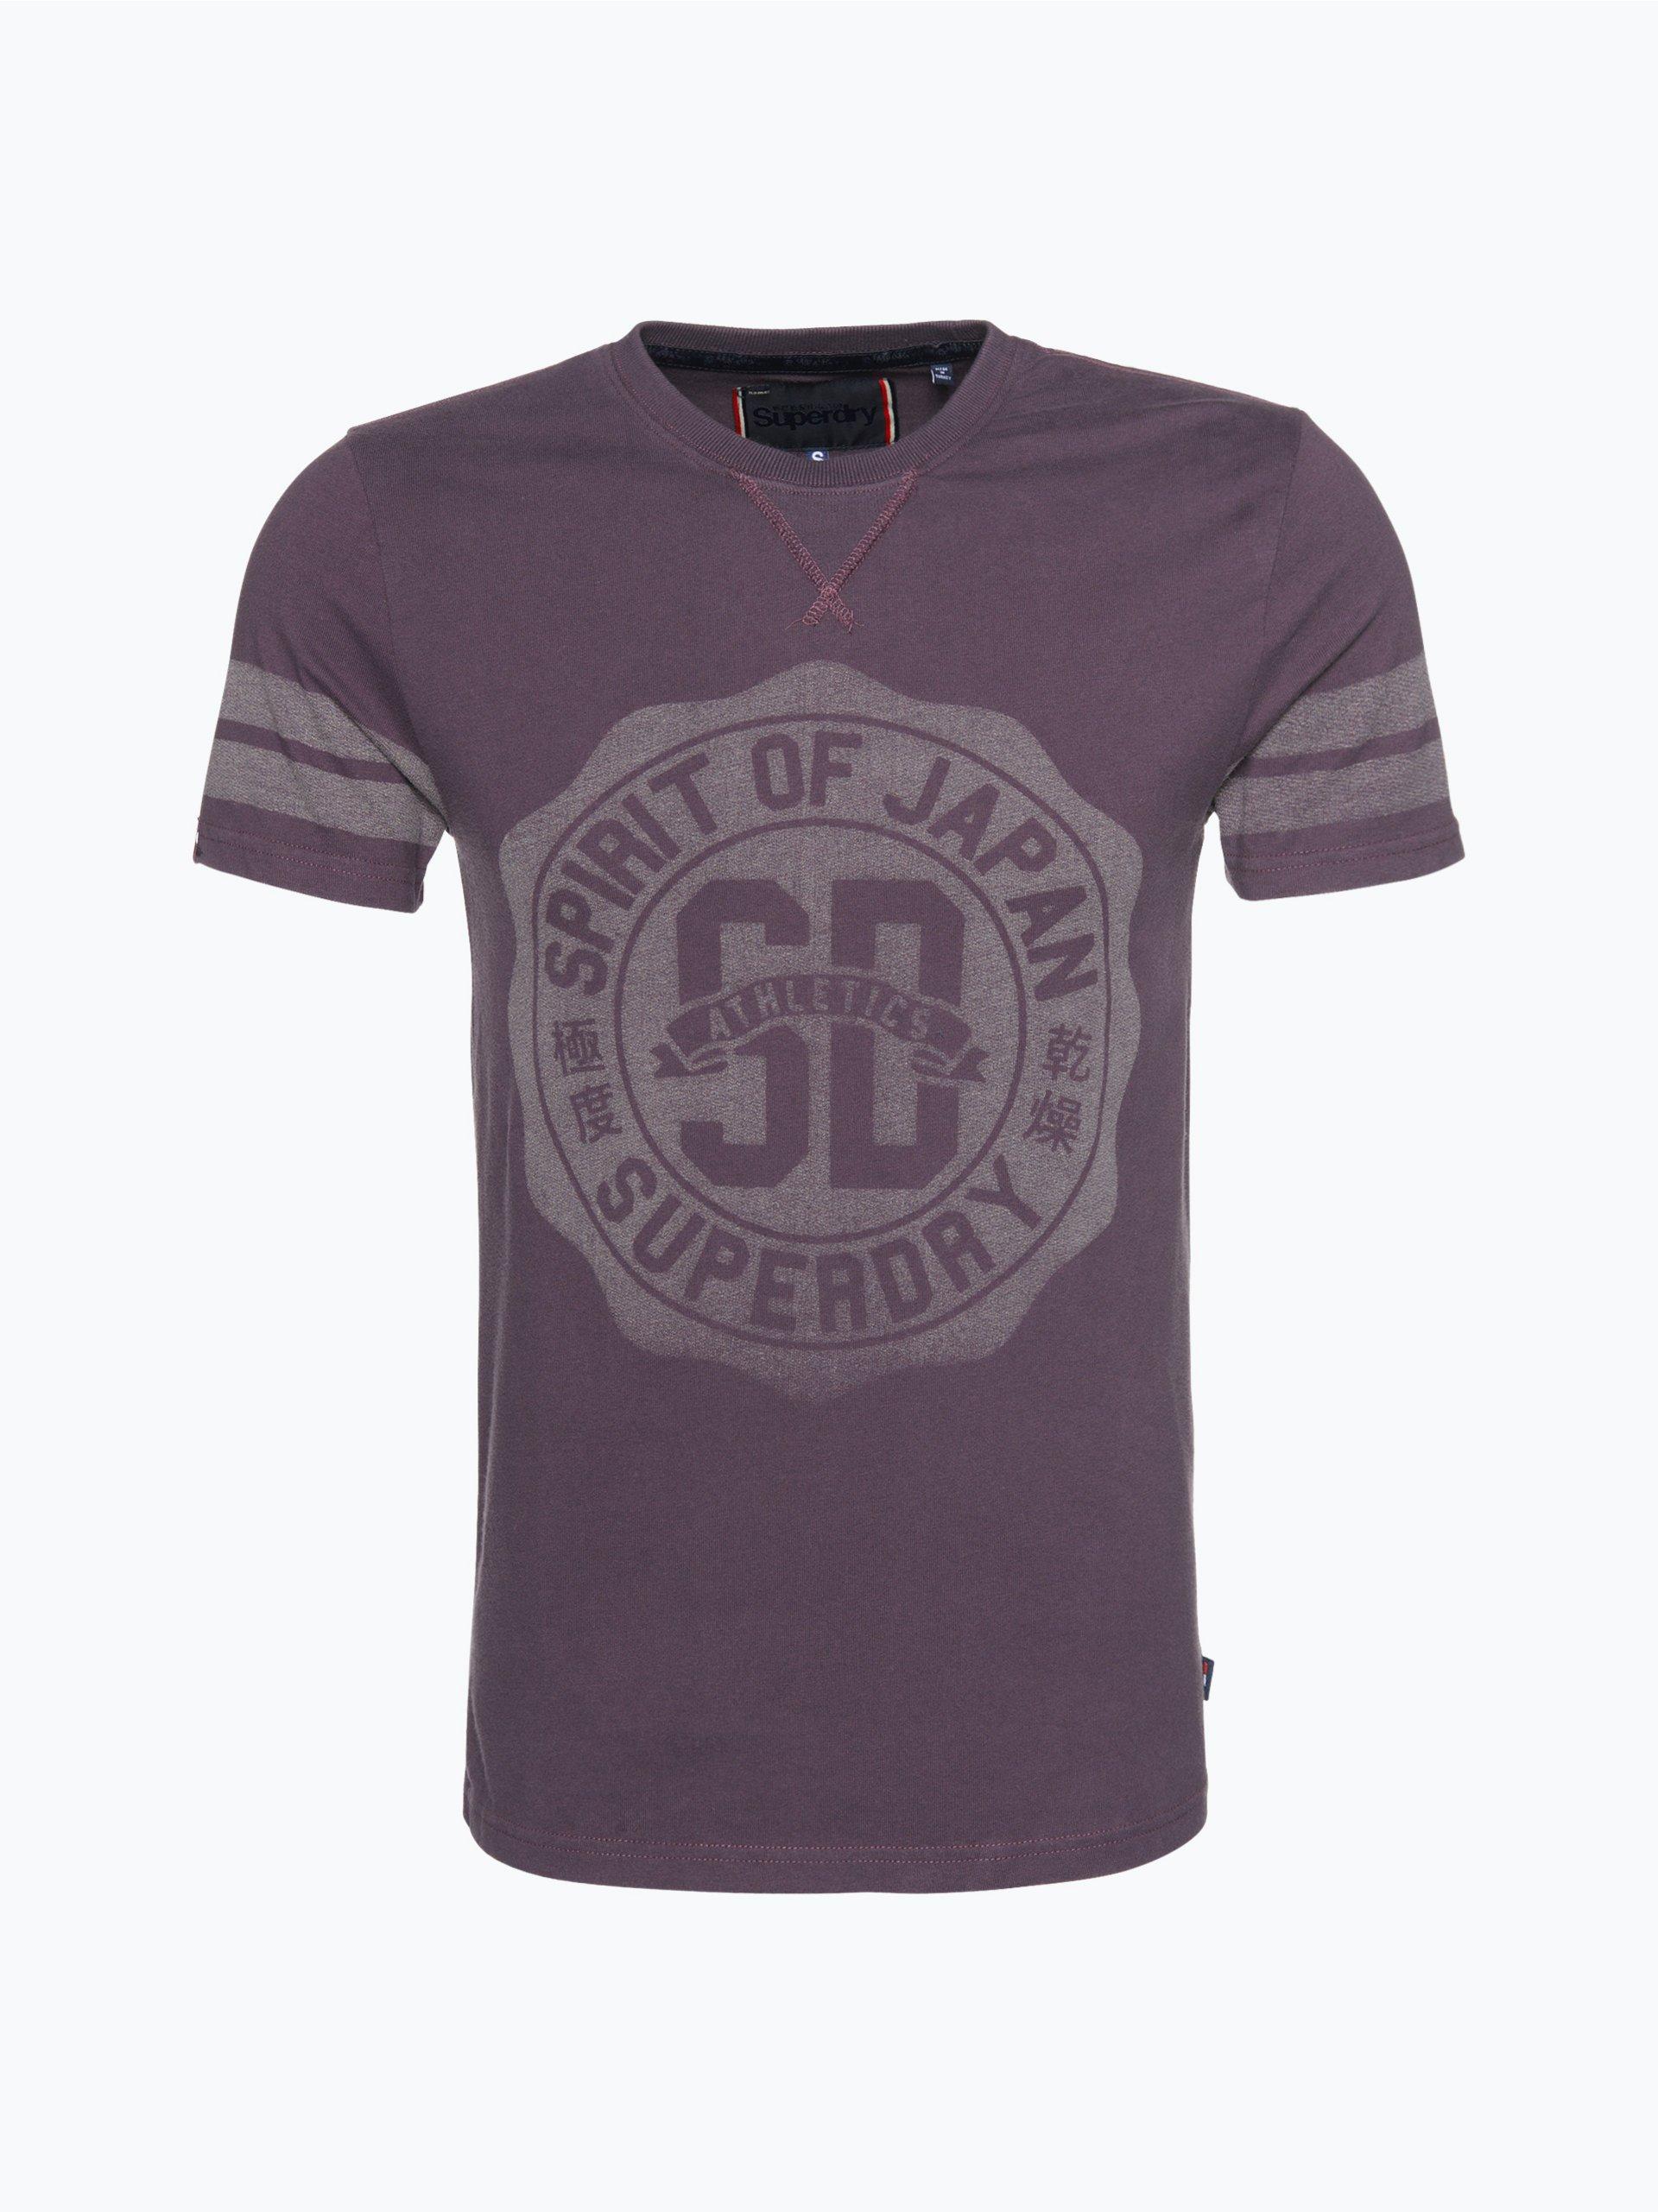 superdry herren t shirt hellblau uni online kaufen peek und cloppenburg de. Black Bedroom Furniture Sets. Home Design Ideas